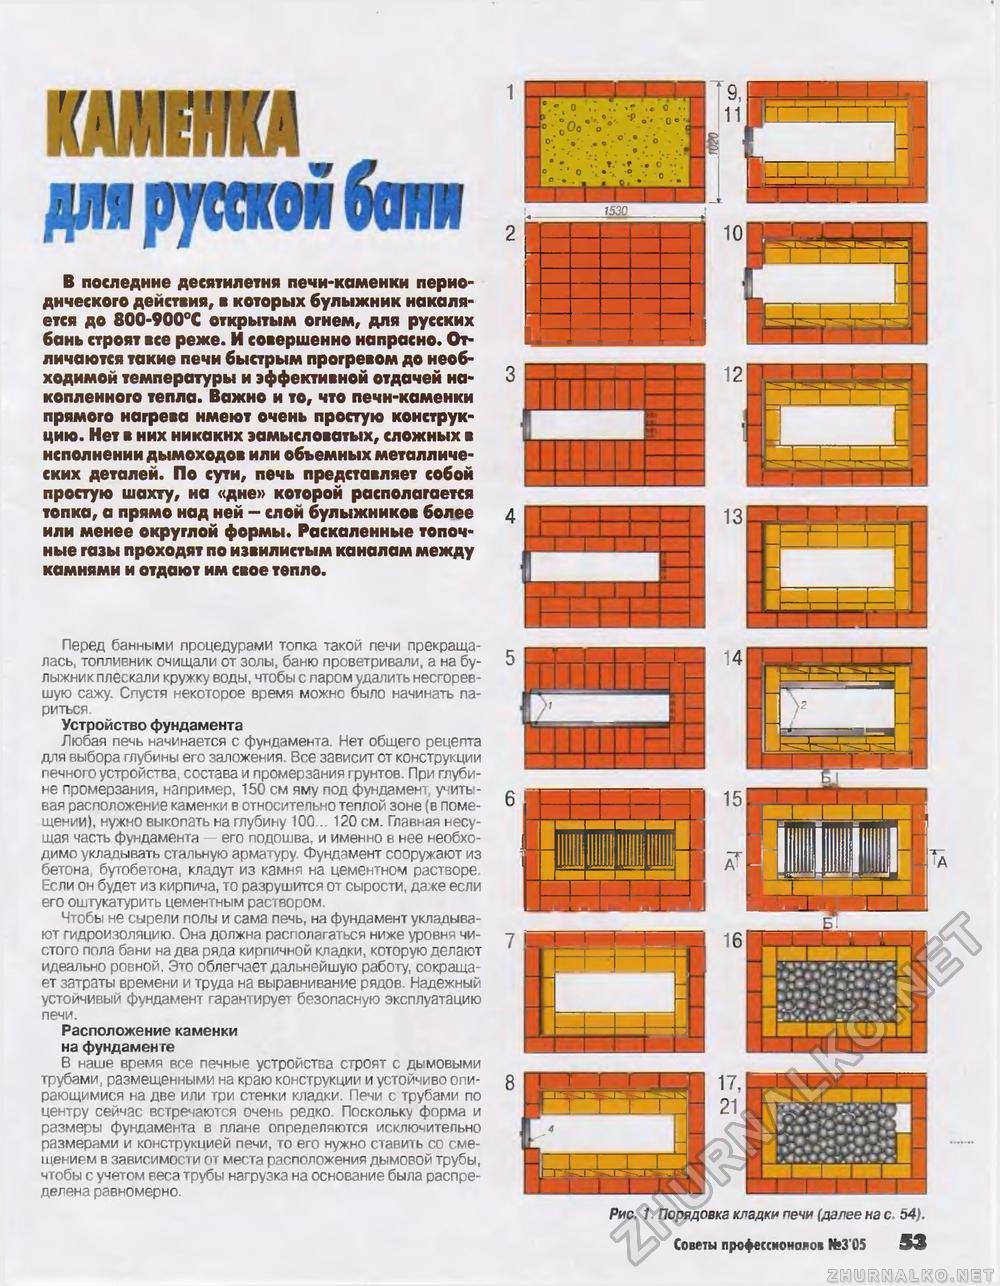 Печь из кирпича для бани своими руками чертежи и фото пошаговая инструкция